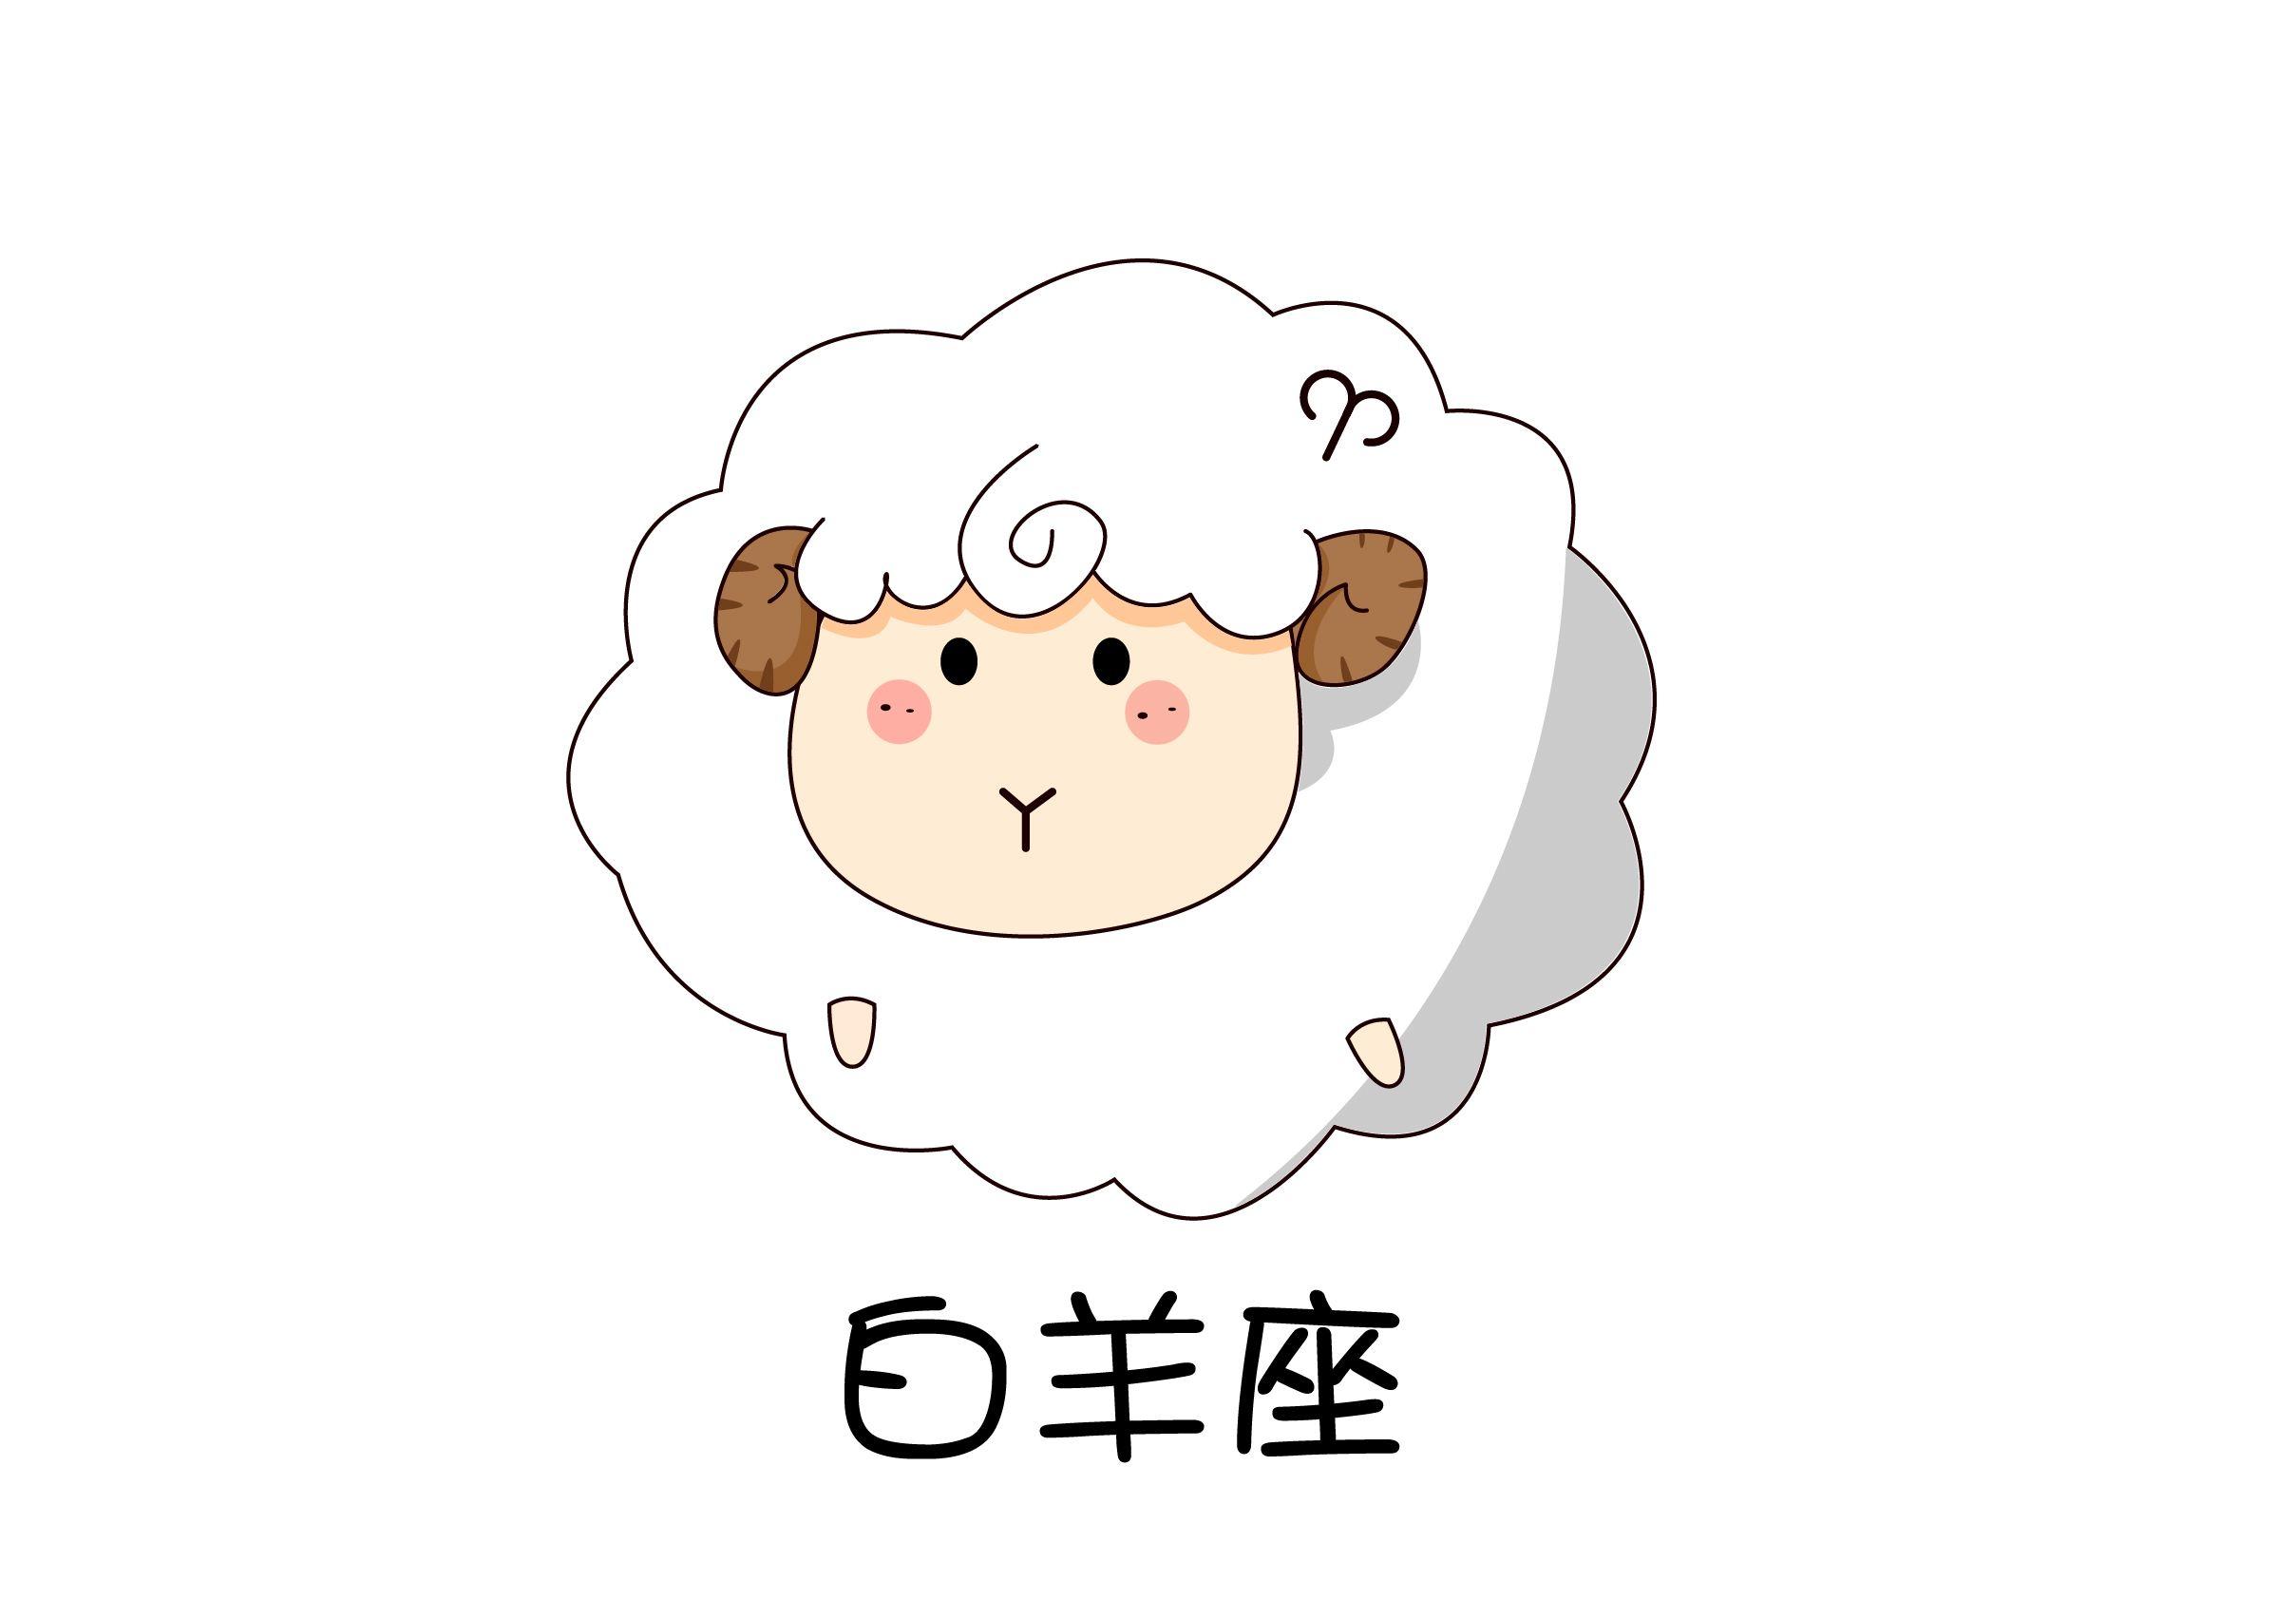 白羊座.jpg